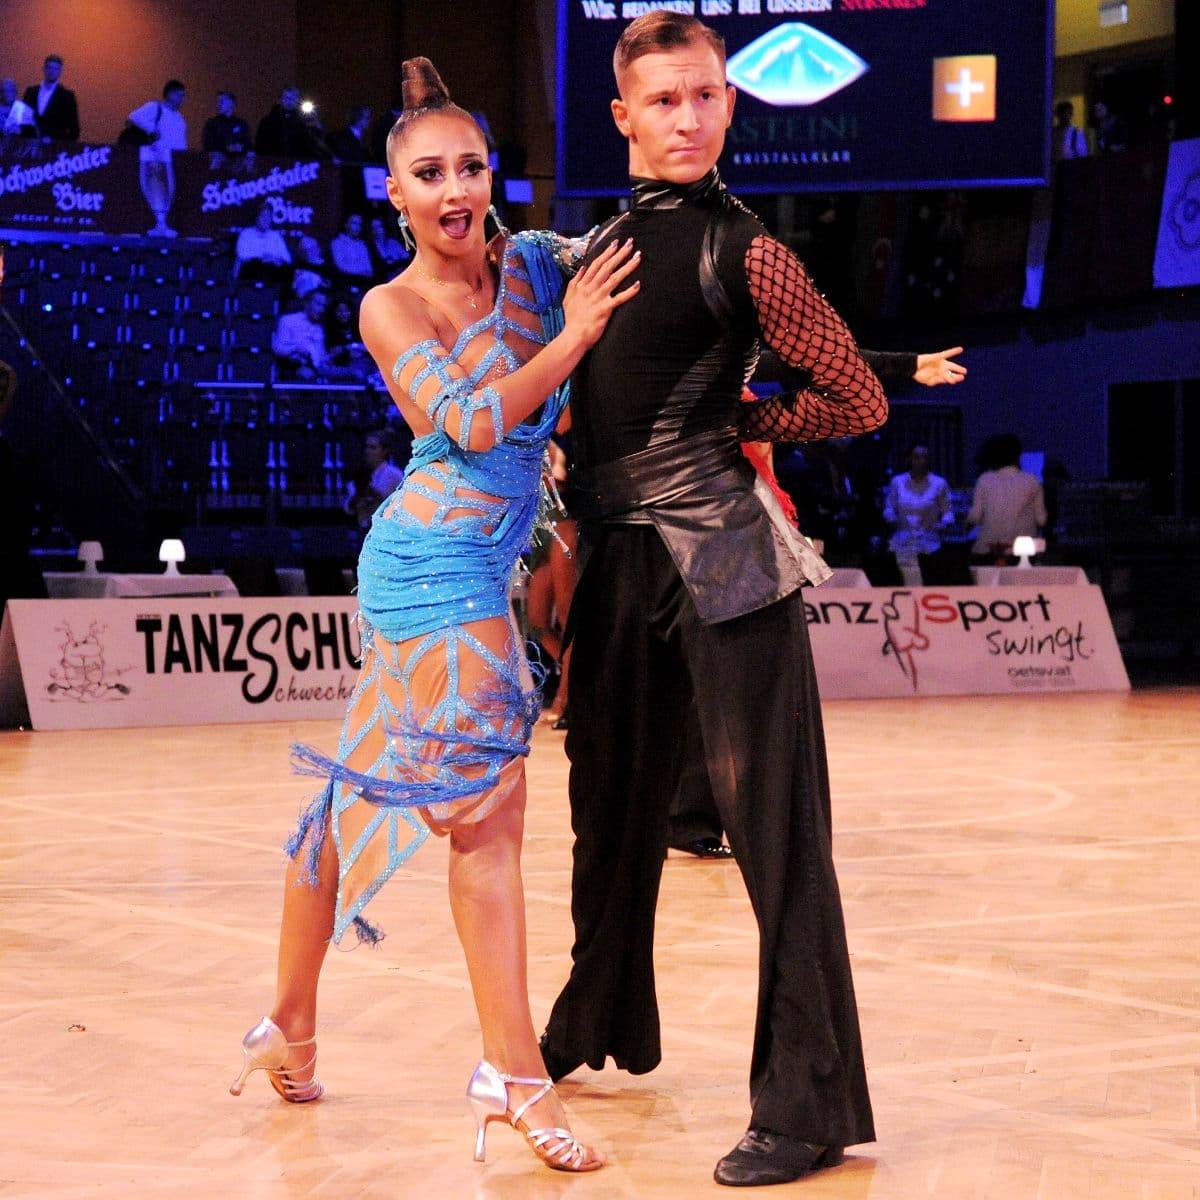 Tim Grabenwöger – Natalie Cremar 2019 erfolgreiches Tanzpaar bei den ÖStM im Tanzsport